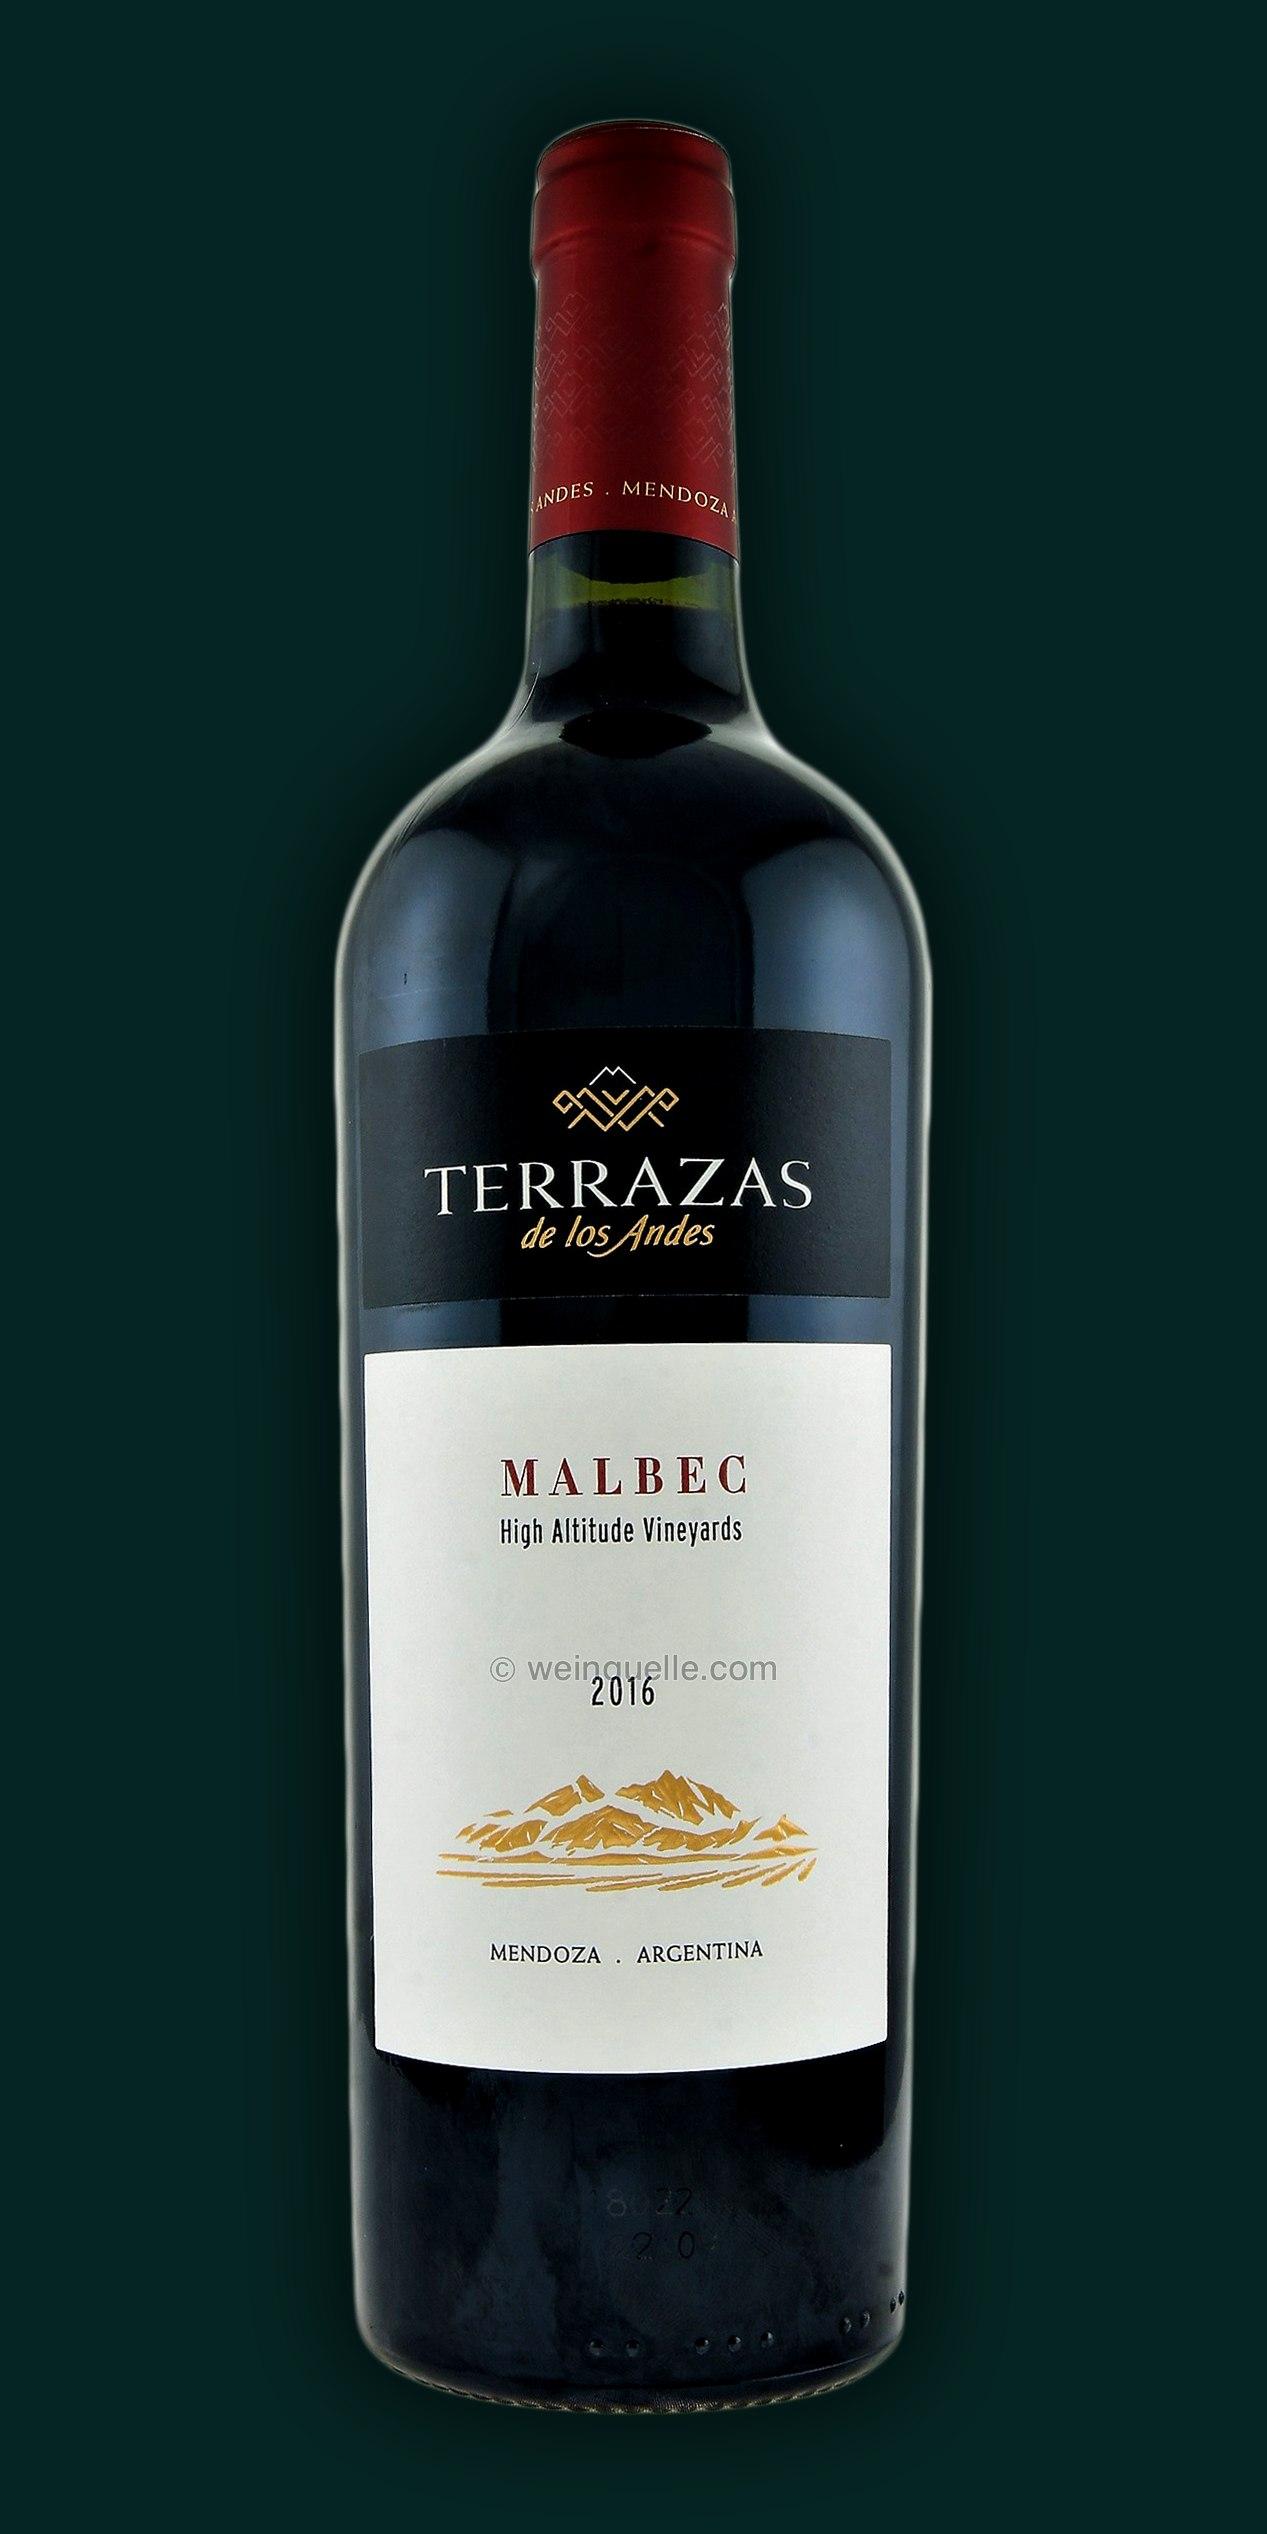 Terrazas De Los Andes Malbec 2016 Mendoza